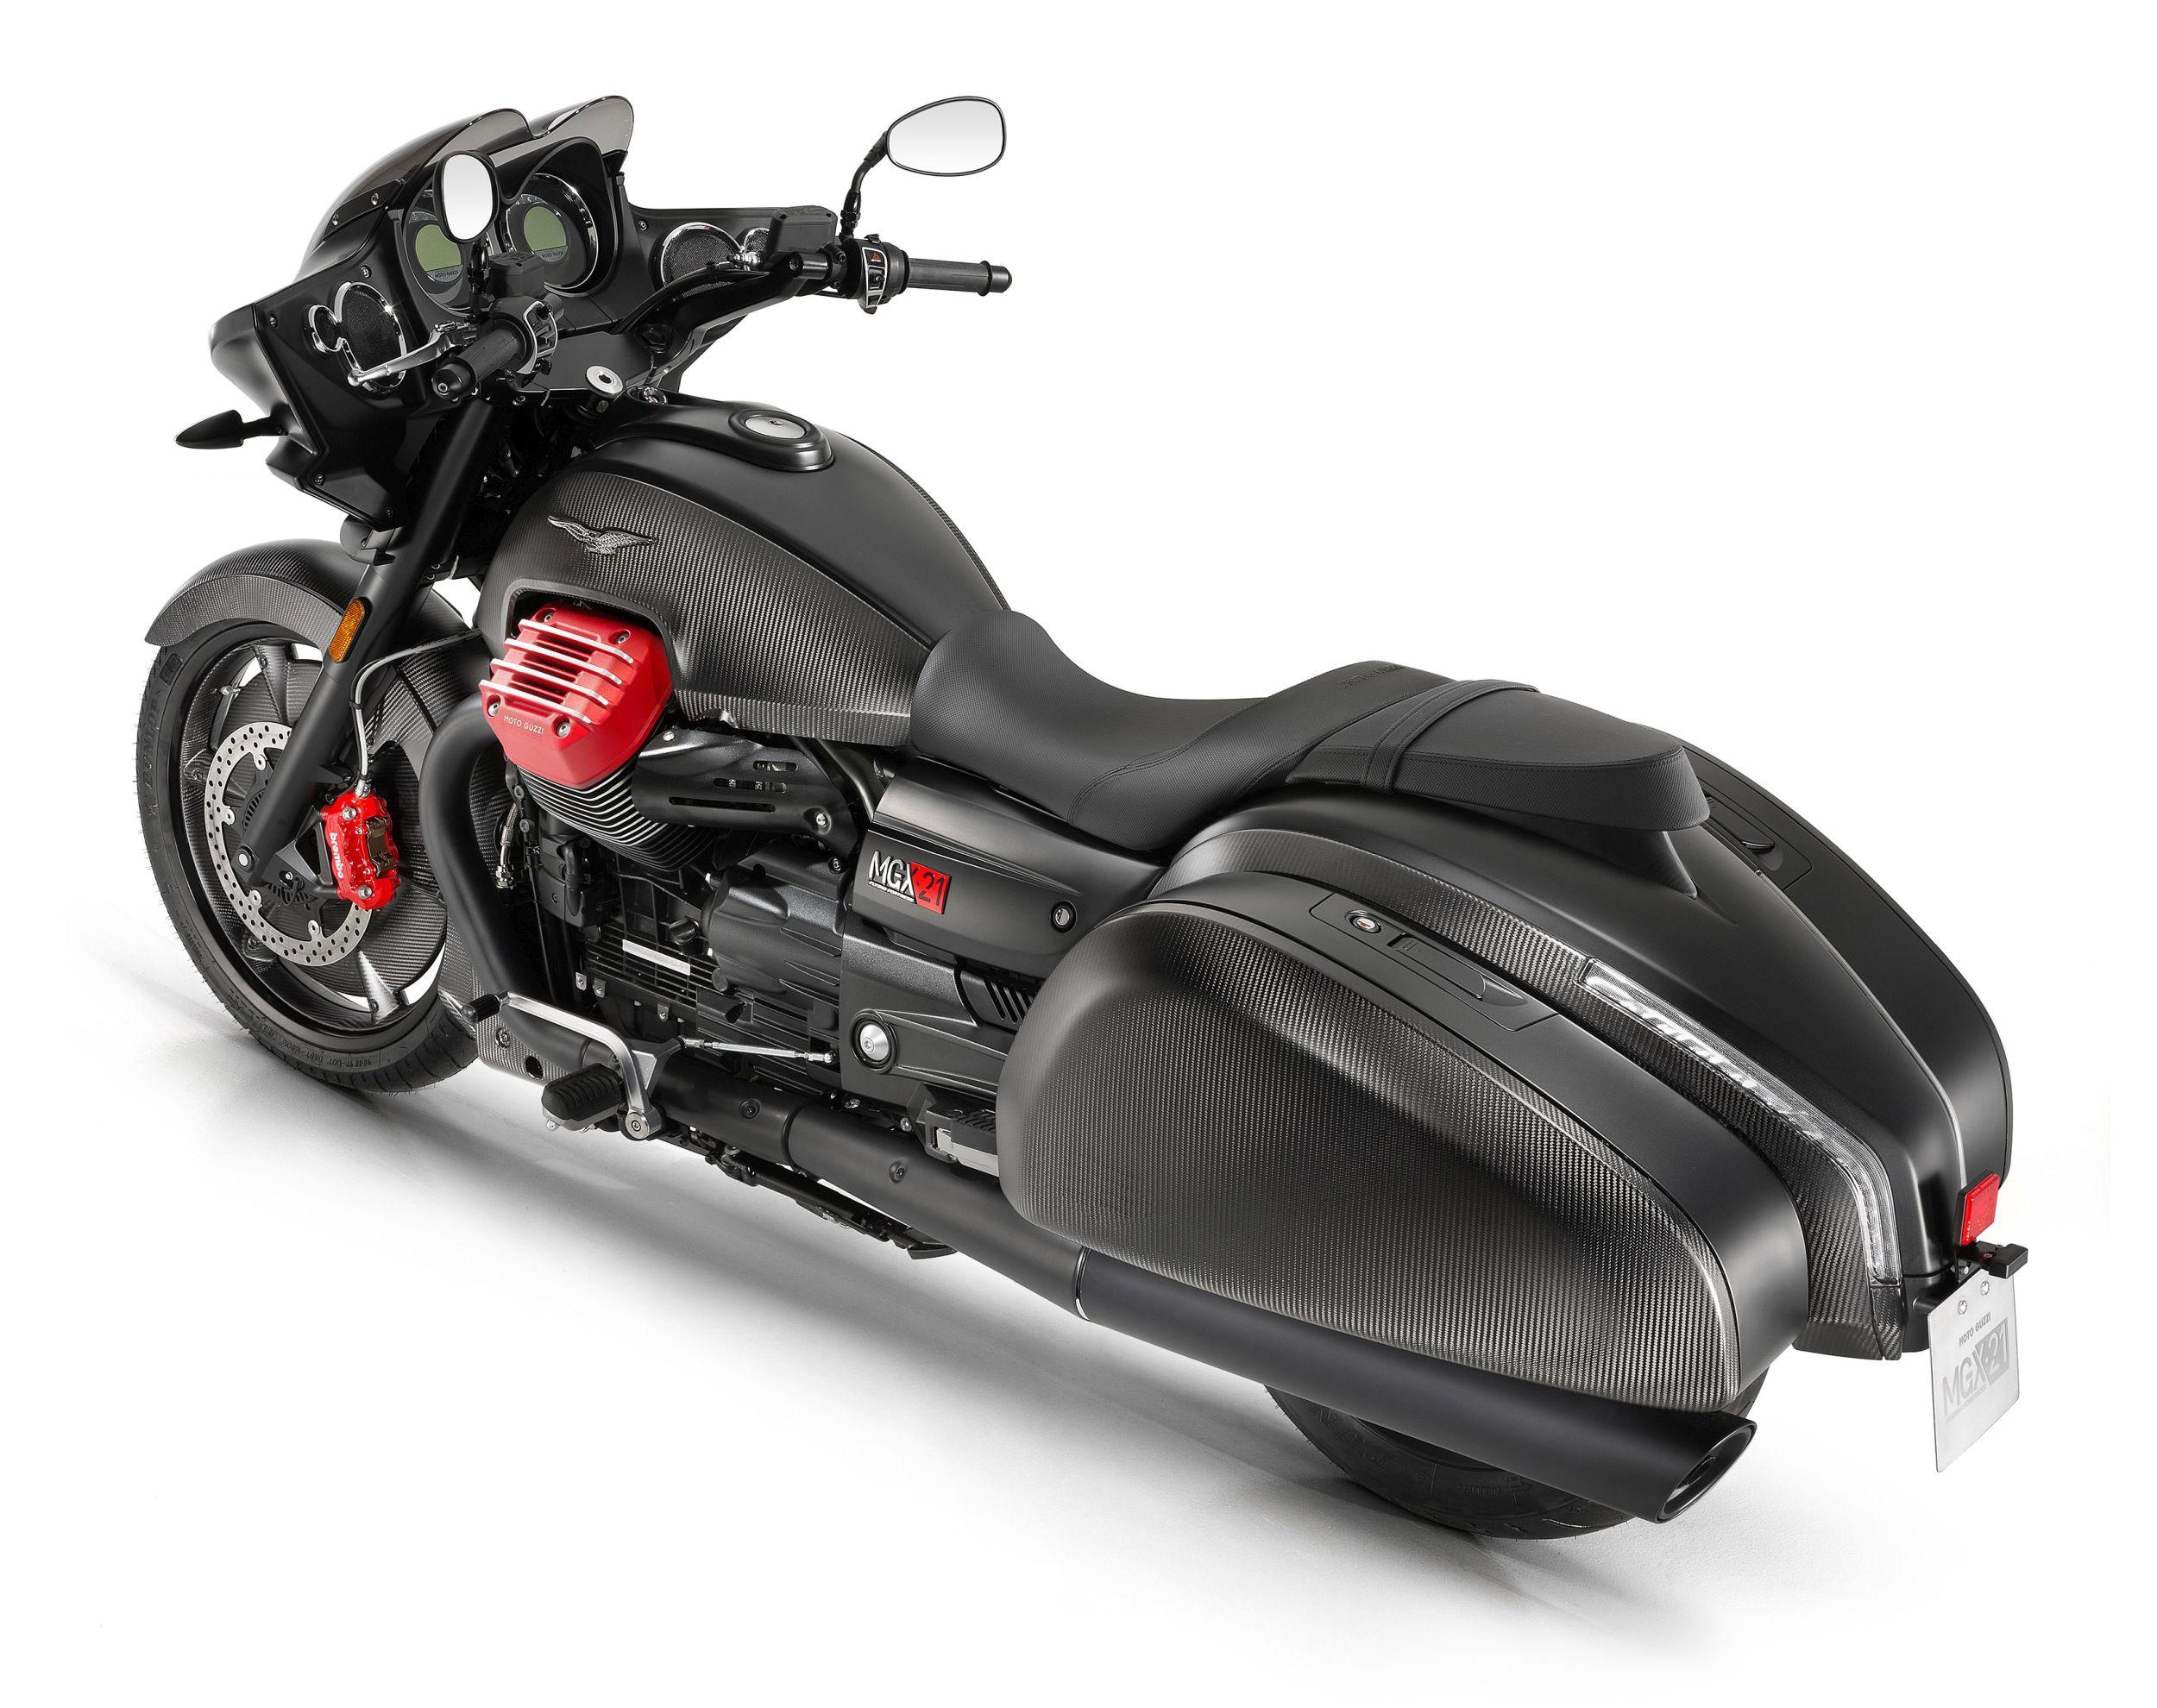 gebrauchte und neue moto guzzi mgx 21 motorr der kaufen. Black Bedroom Furniture Sets. Home Design Ideas